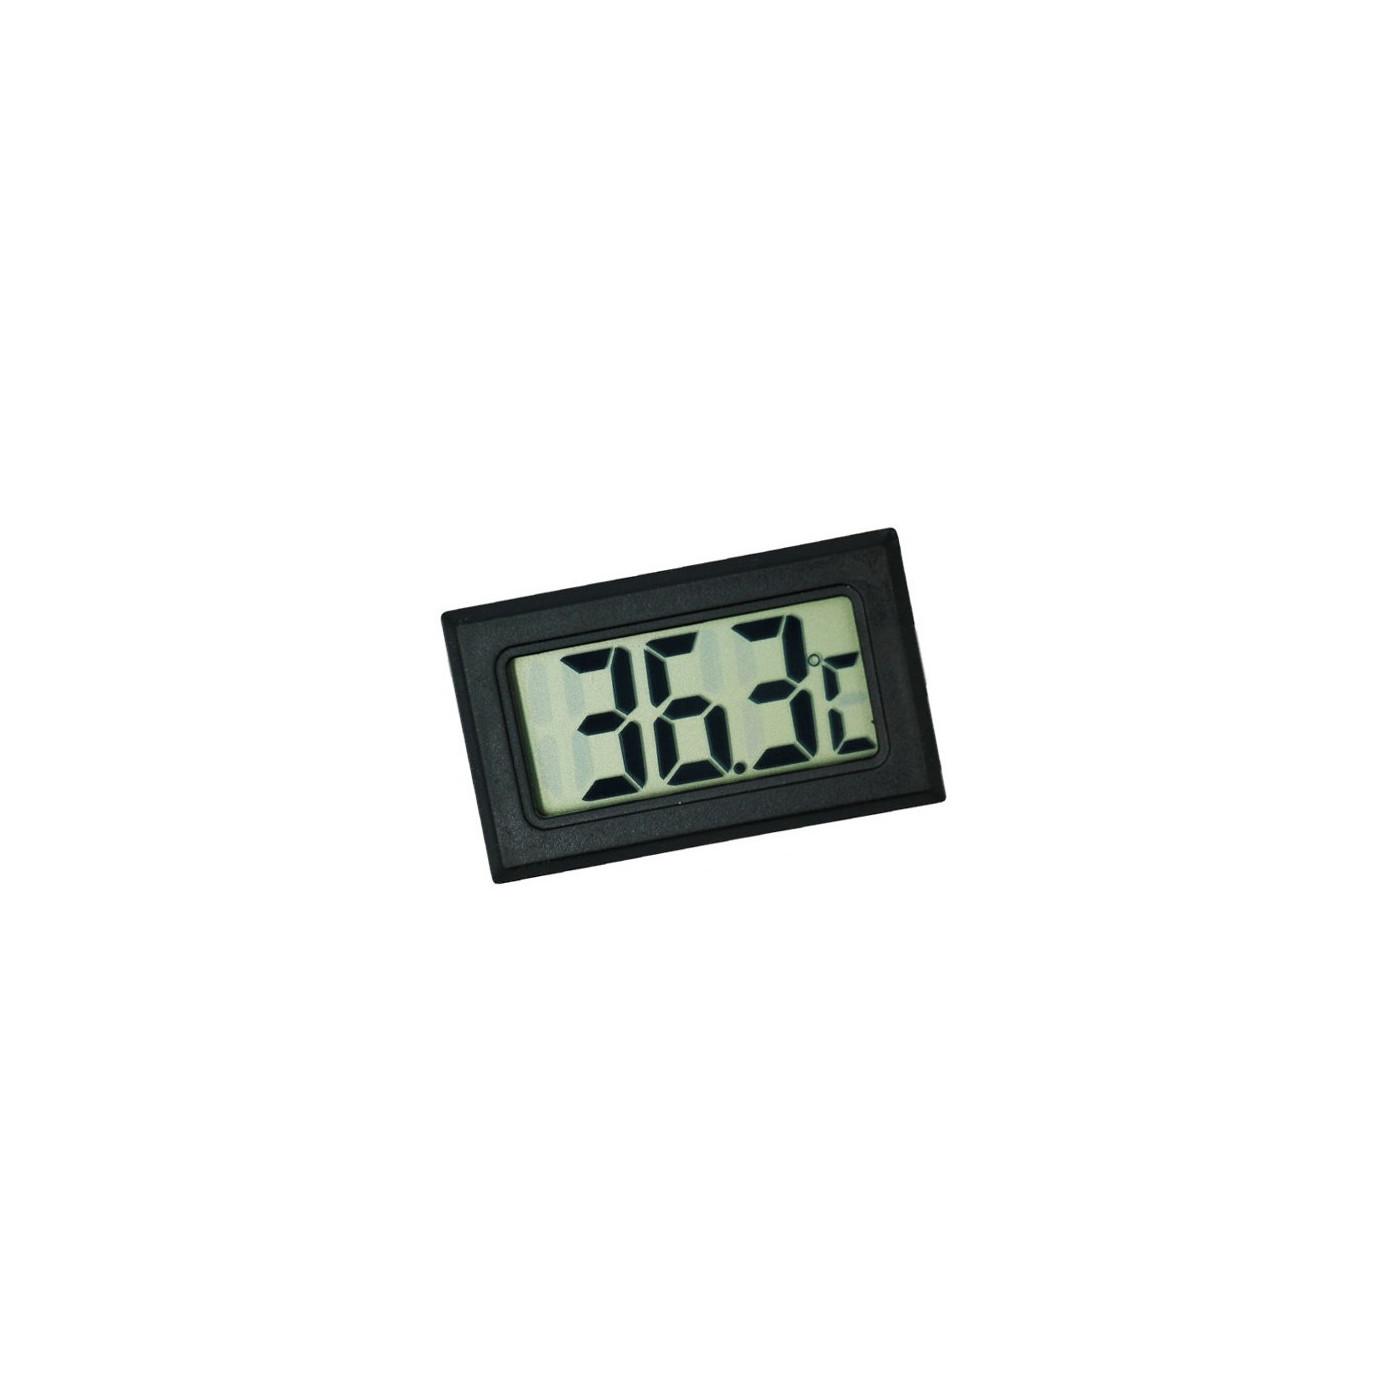 Meter voor temperatuur, thermometer LCD (zwart)  - 1